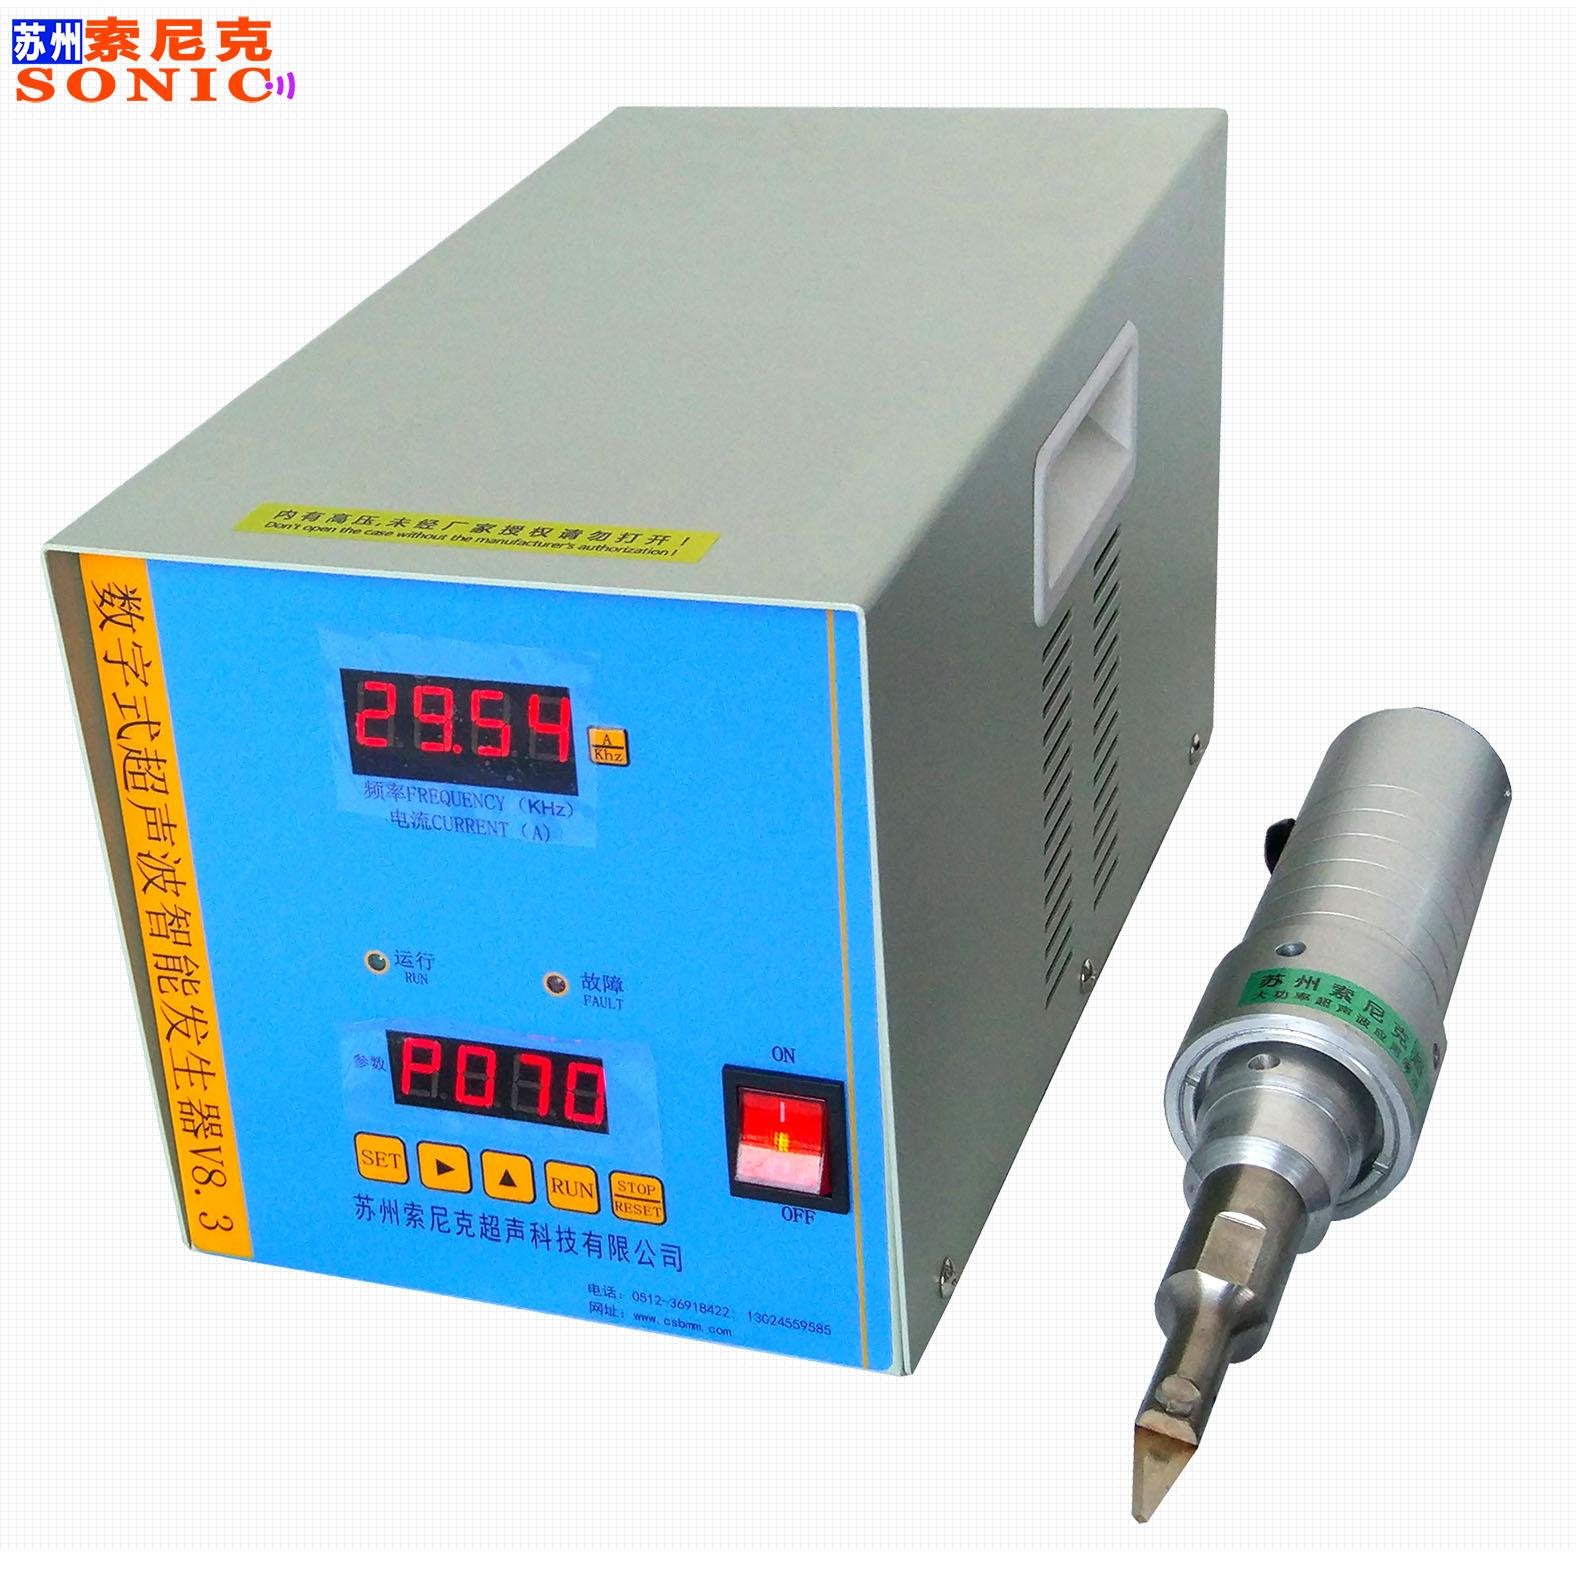 手持式JY-Q30超声波塑料切割修边机  2